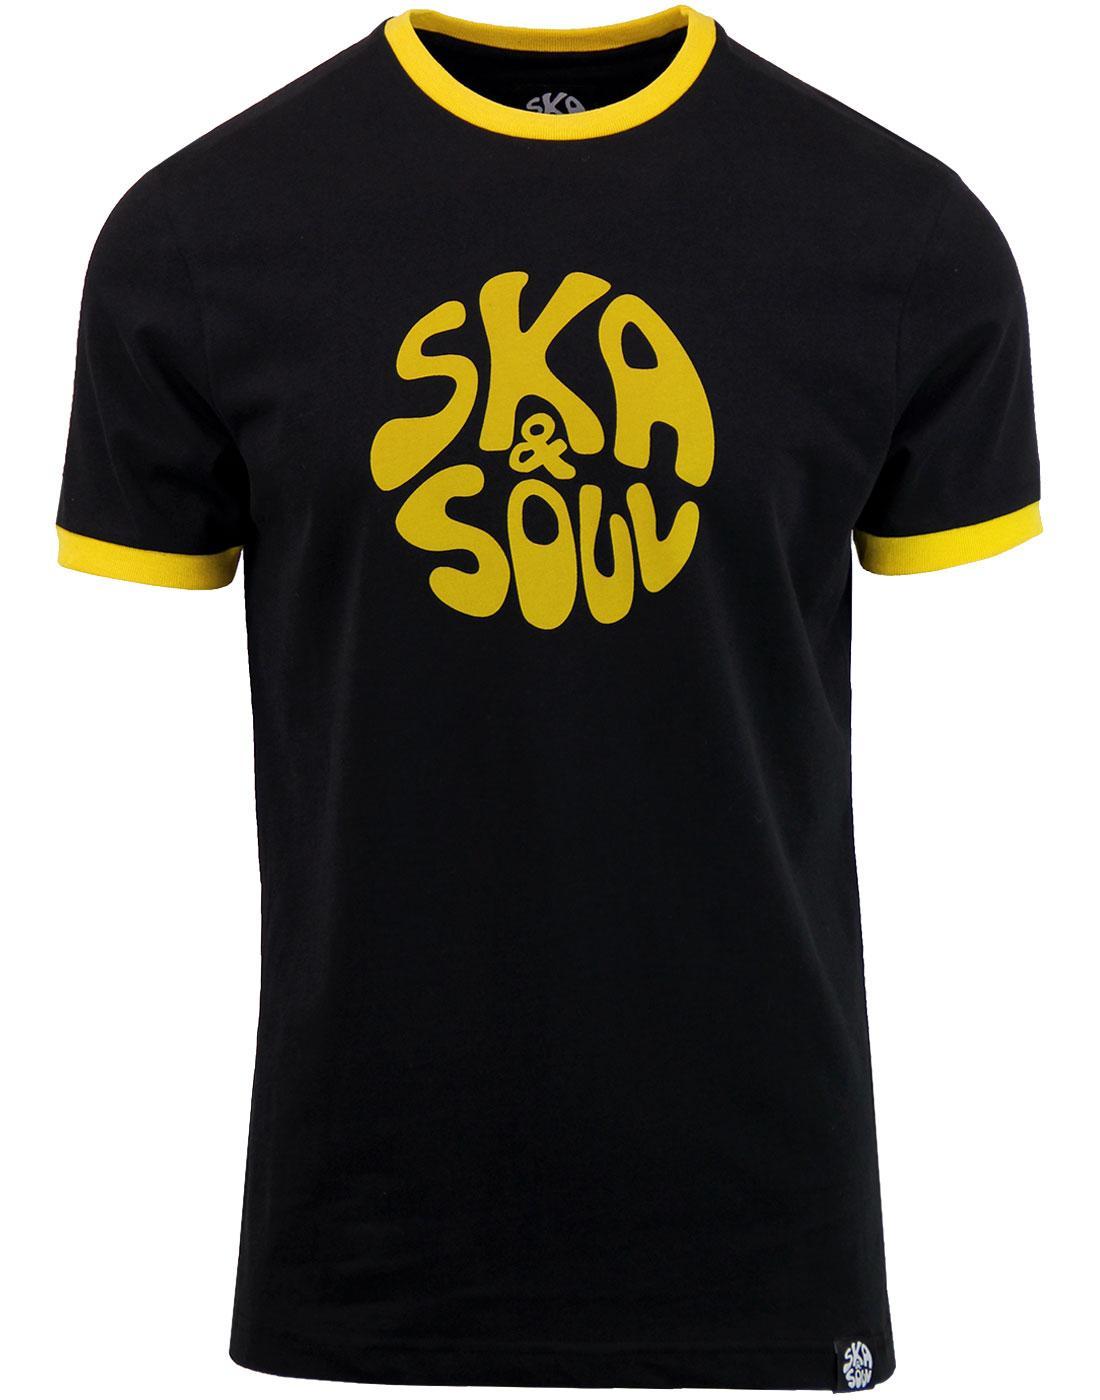 SKA & SOUL Men's Retro Mod Ringer Logo Tee